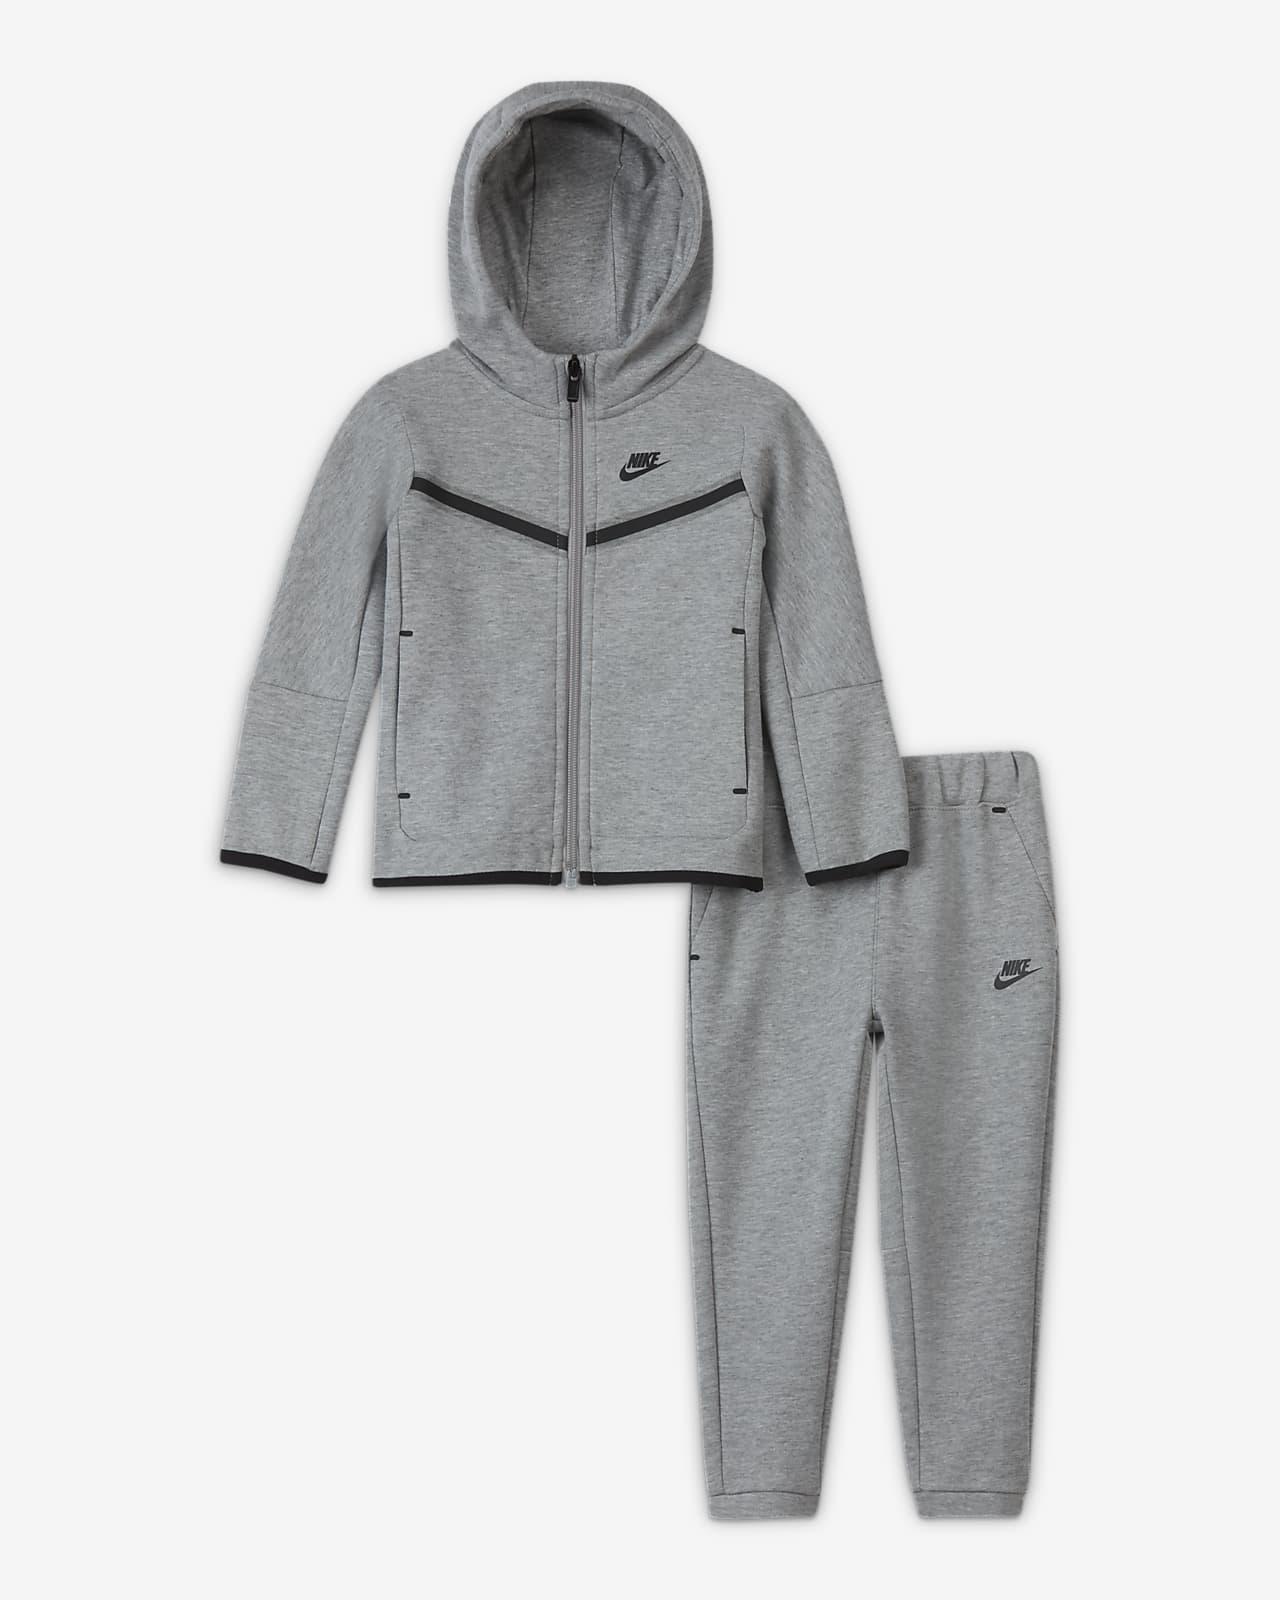 Nike Sportswear Tech Fleece Set aus Hoodie und Hose für Babys (12 bis 24 Monate)